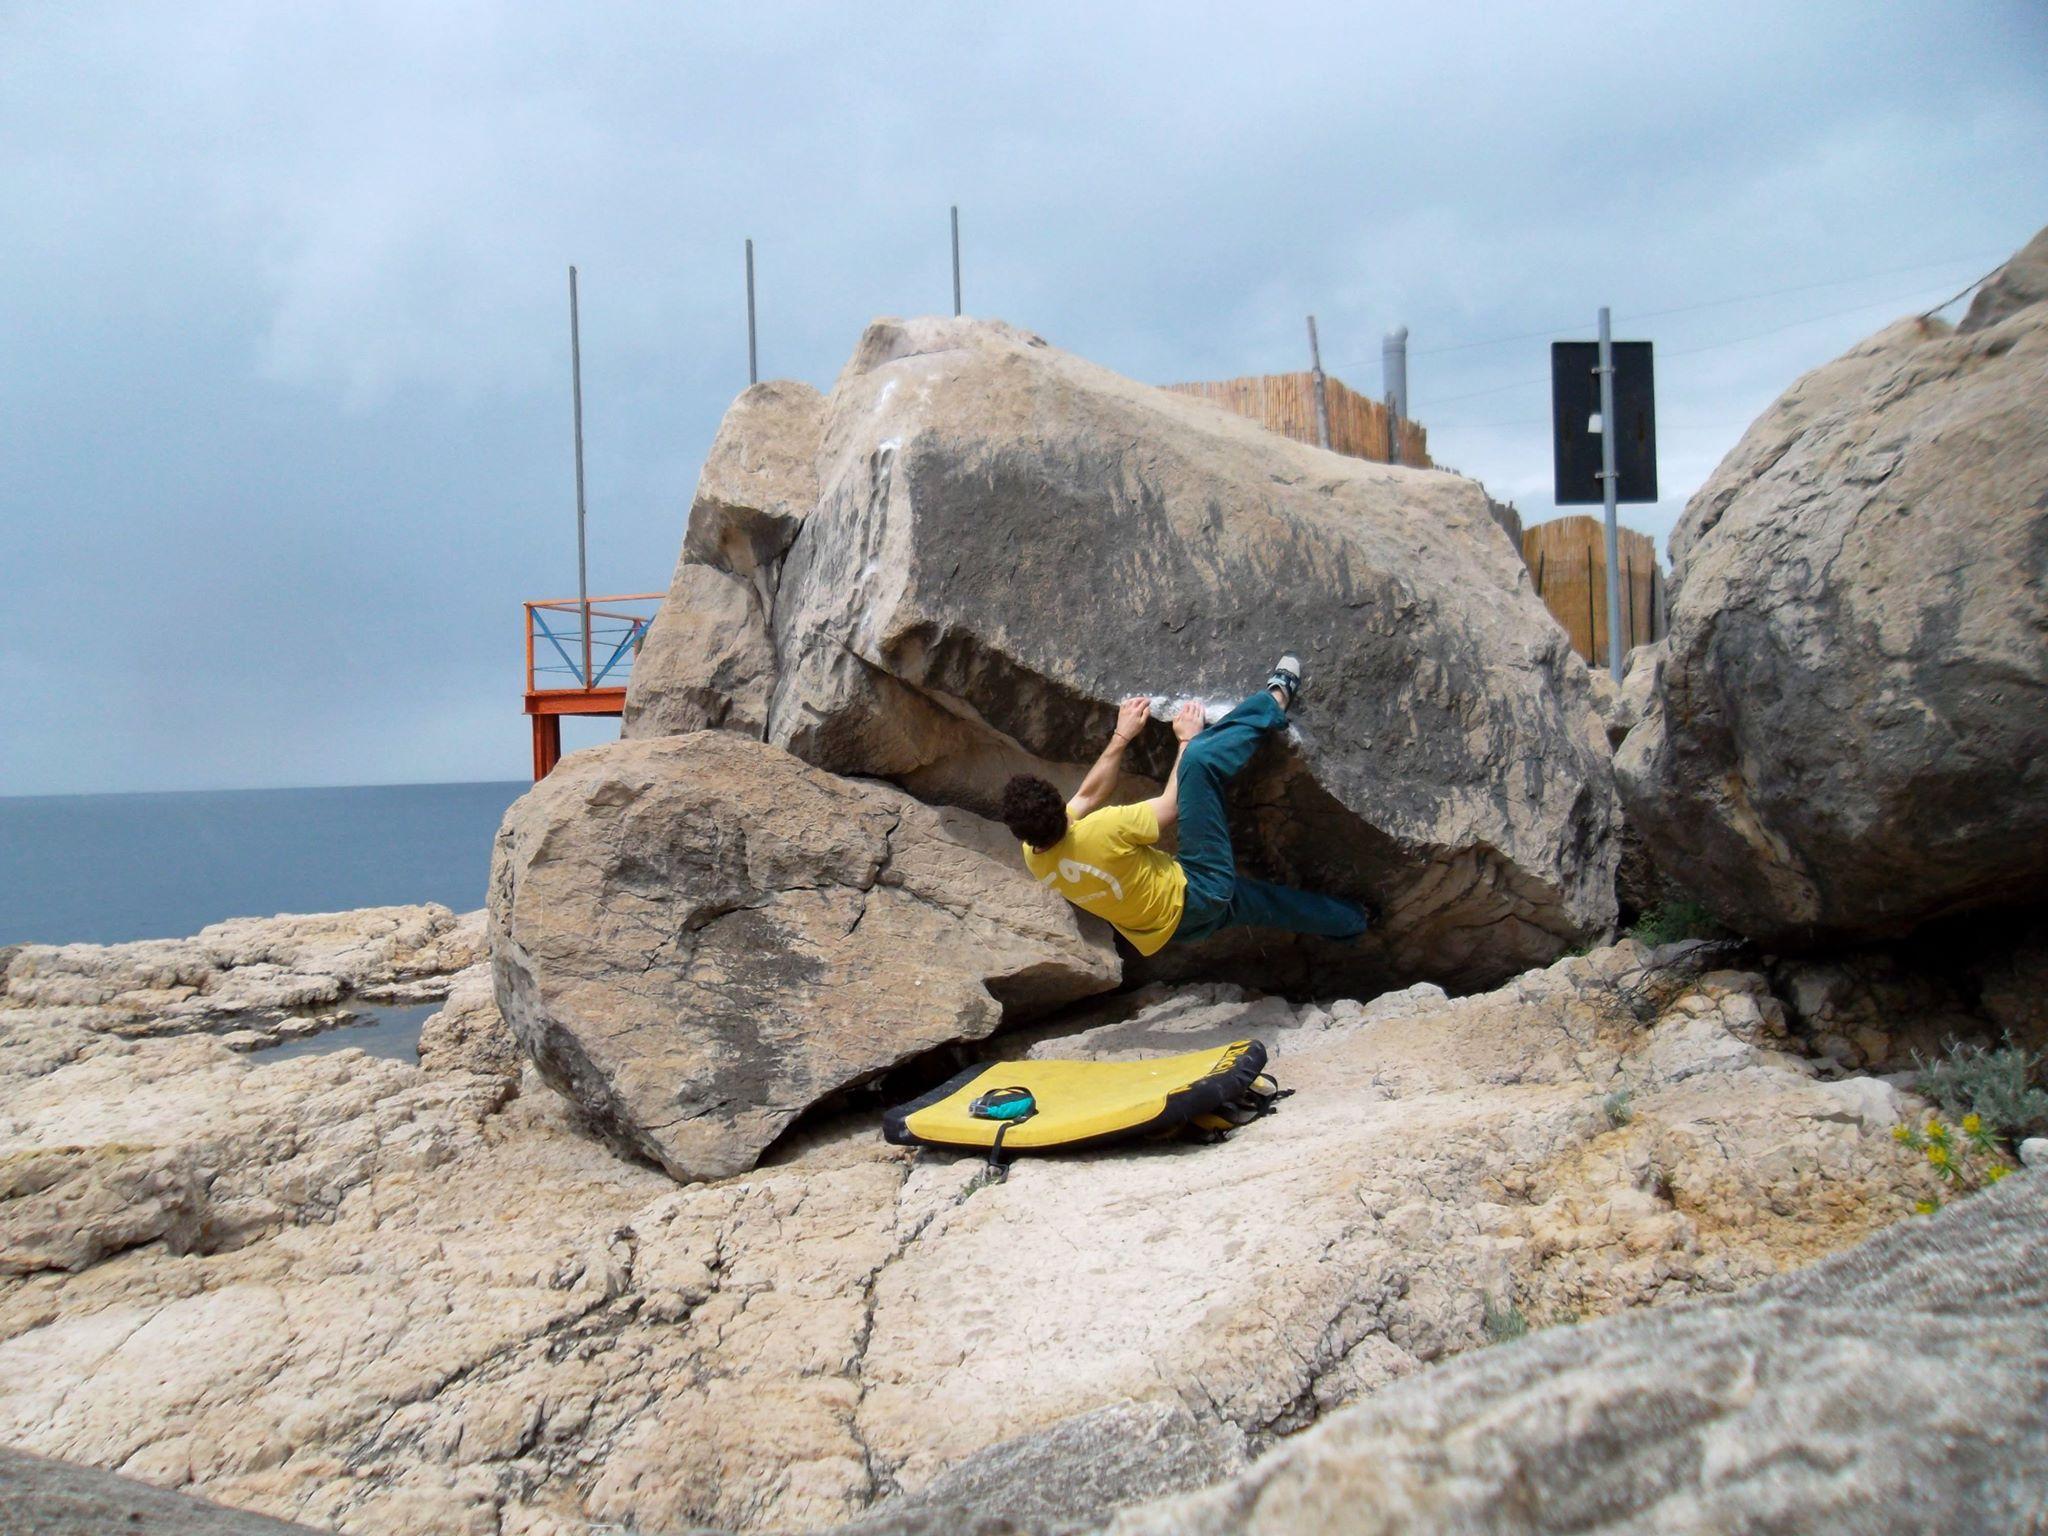 topos-bouldering-sorrento-la-solara-blocco-3